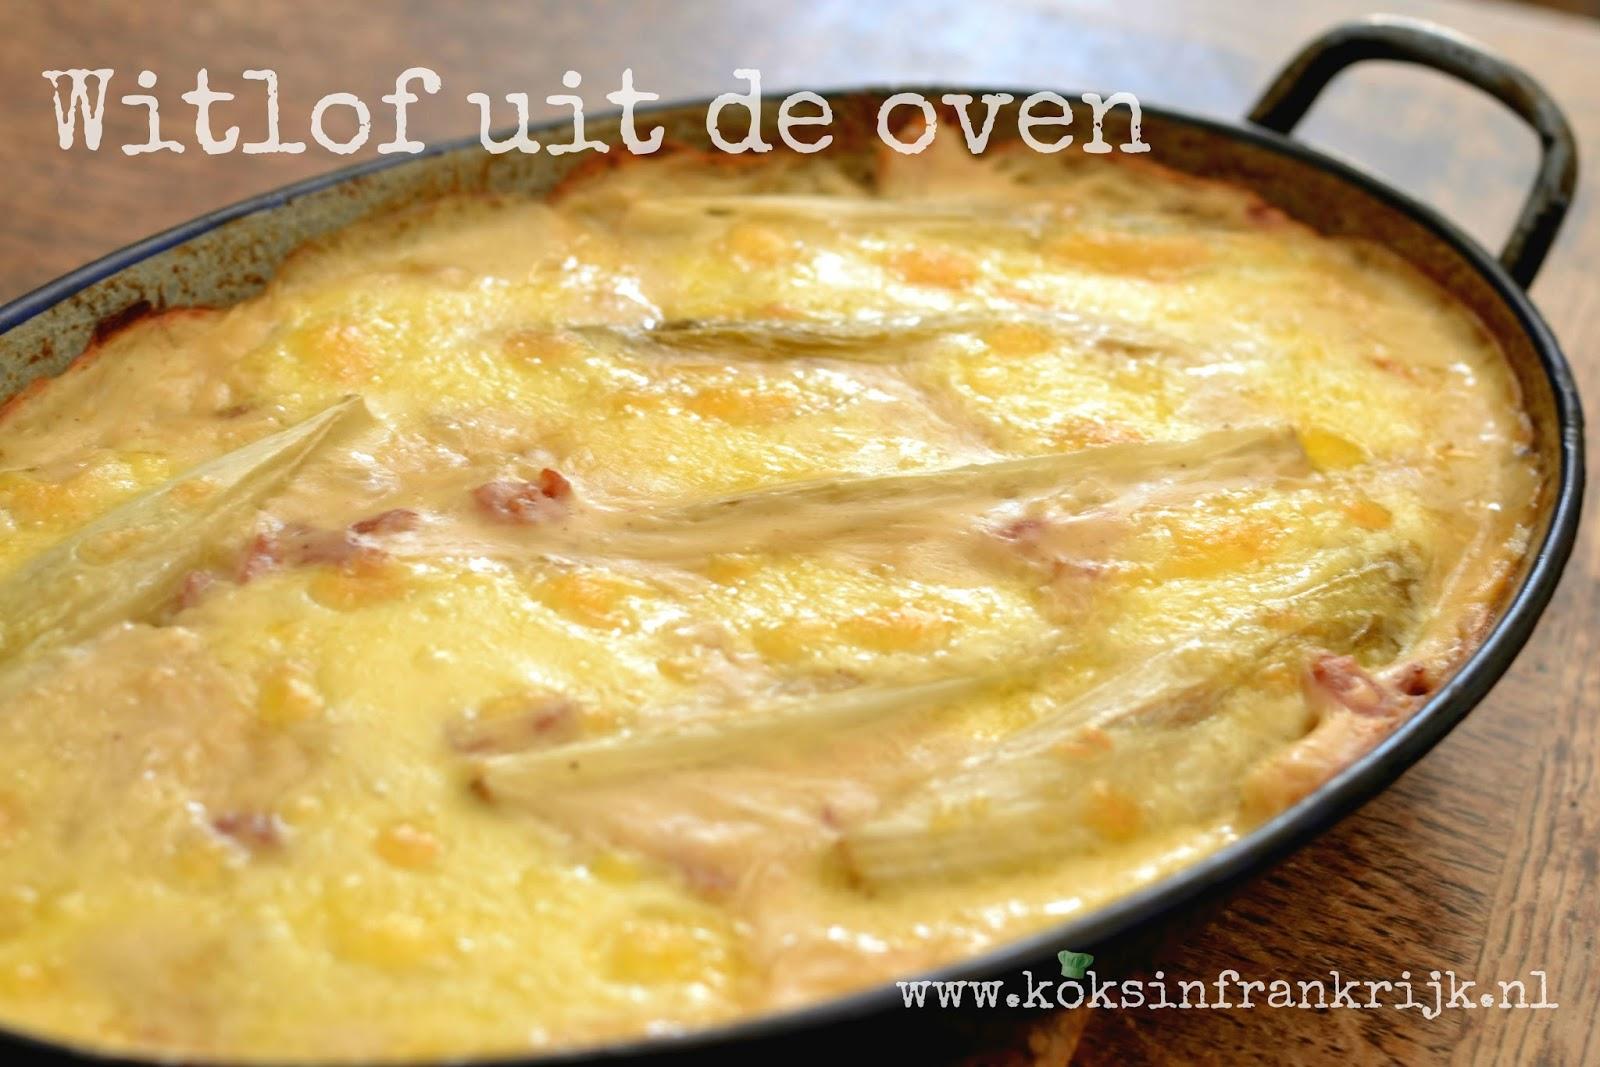 Ovenschotel met witlof en kaas